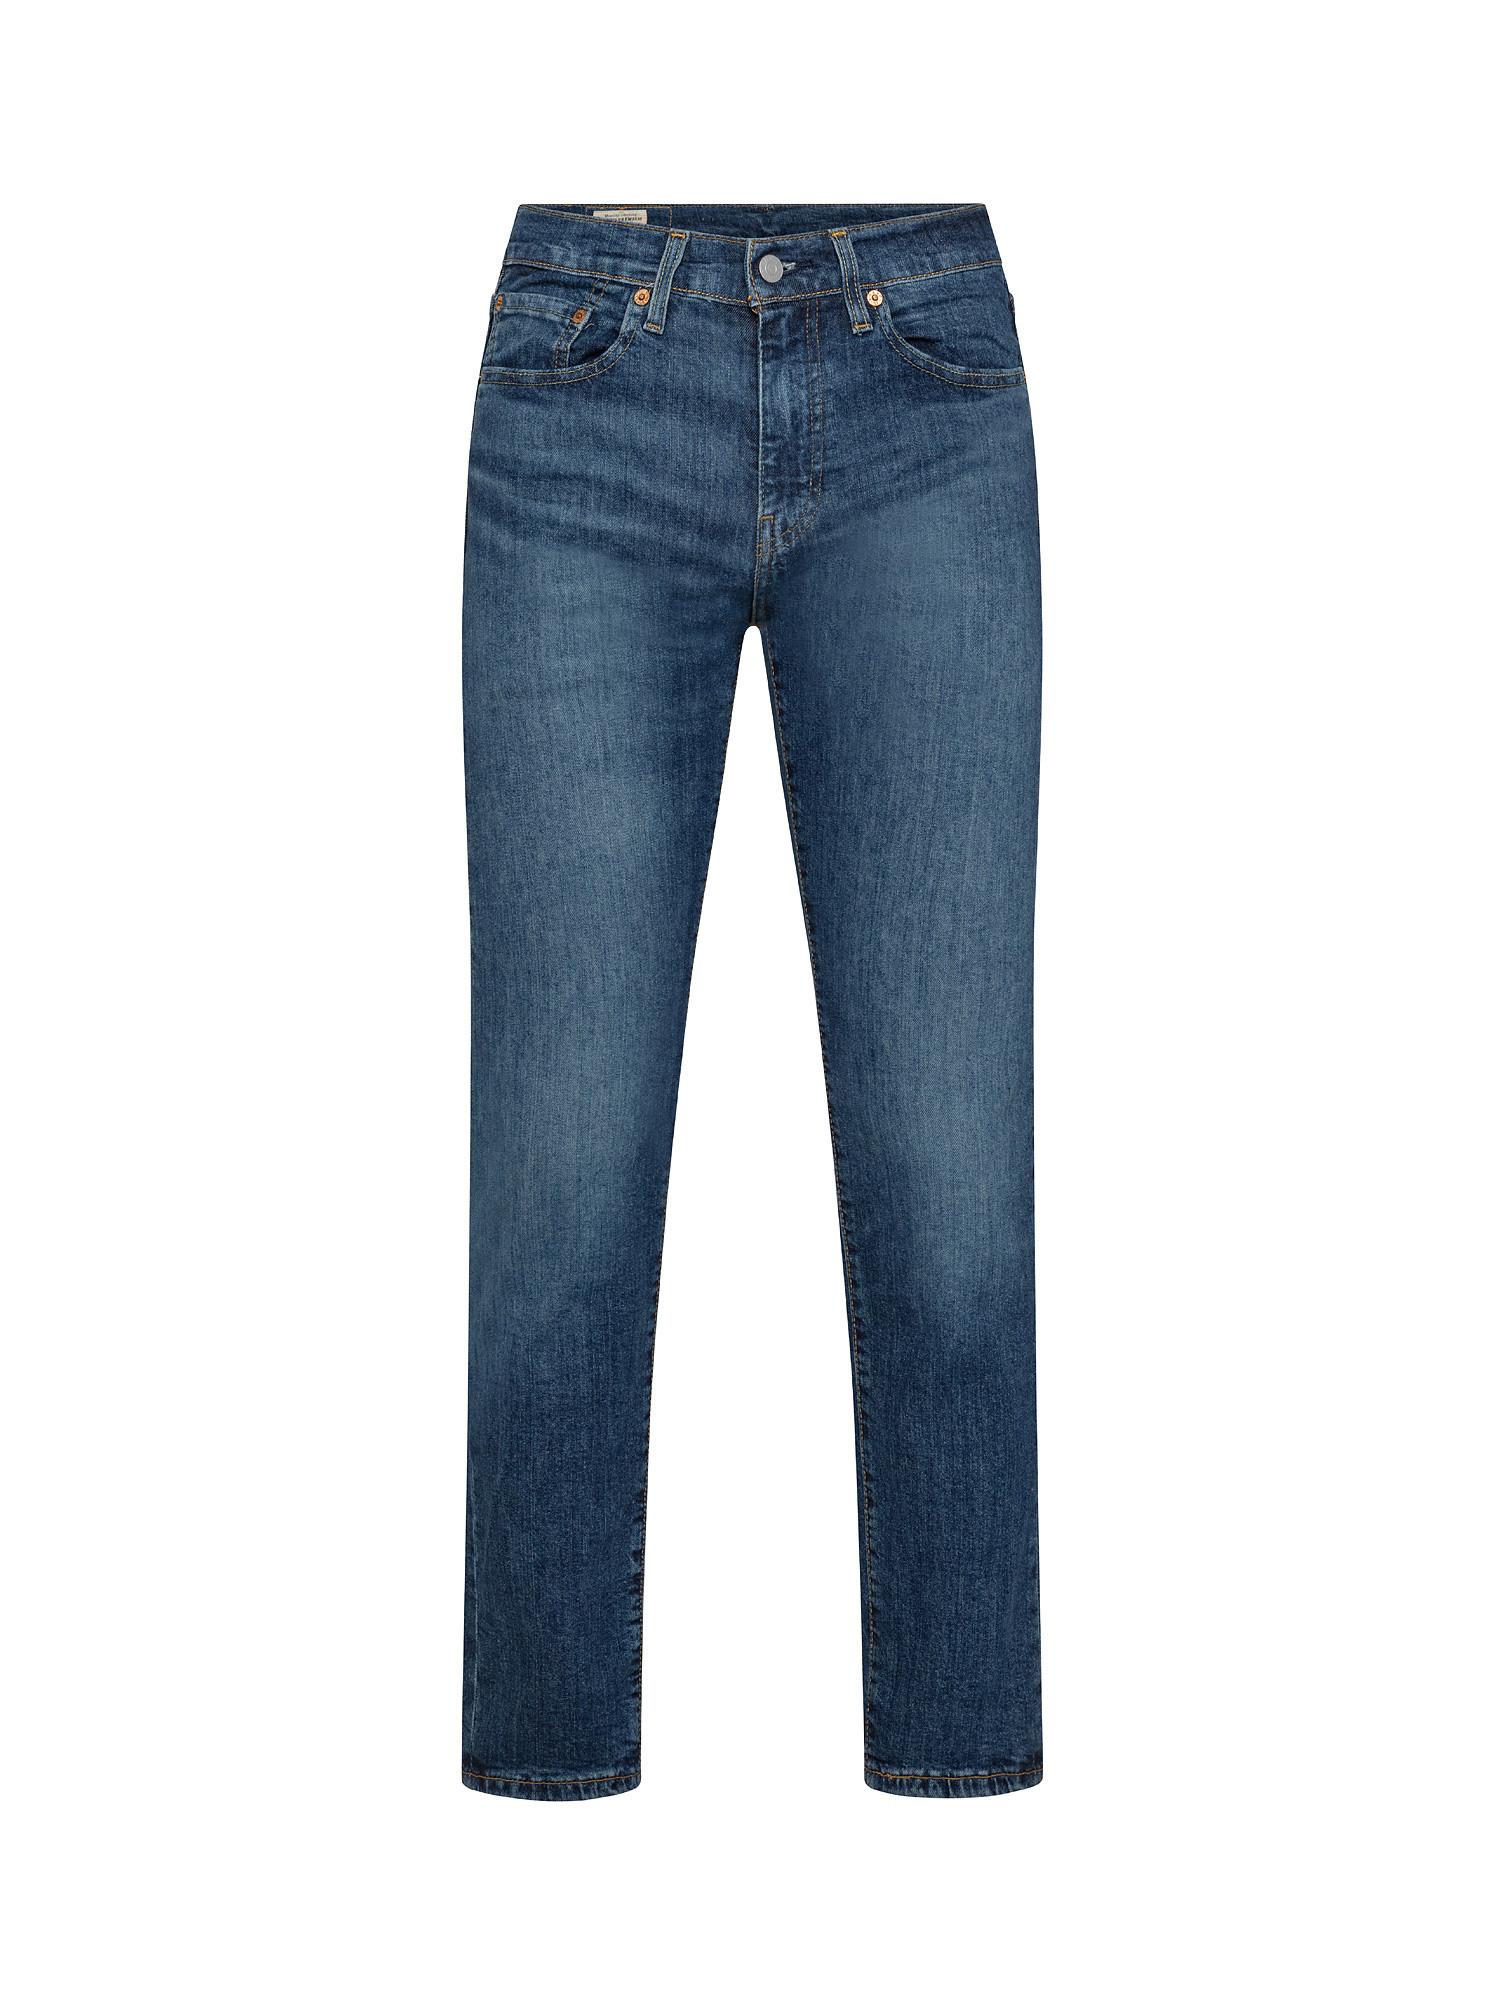 Jeans 5 tasche 502 Taper, Denim, large image number 0